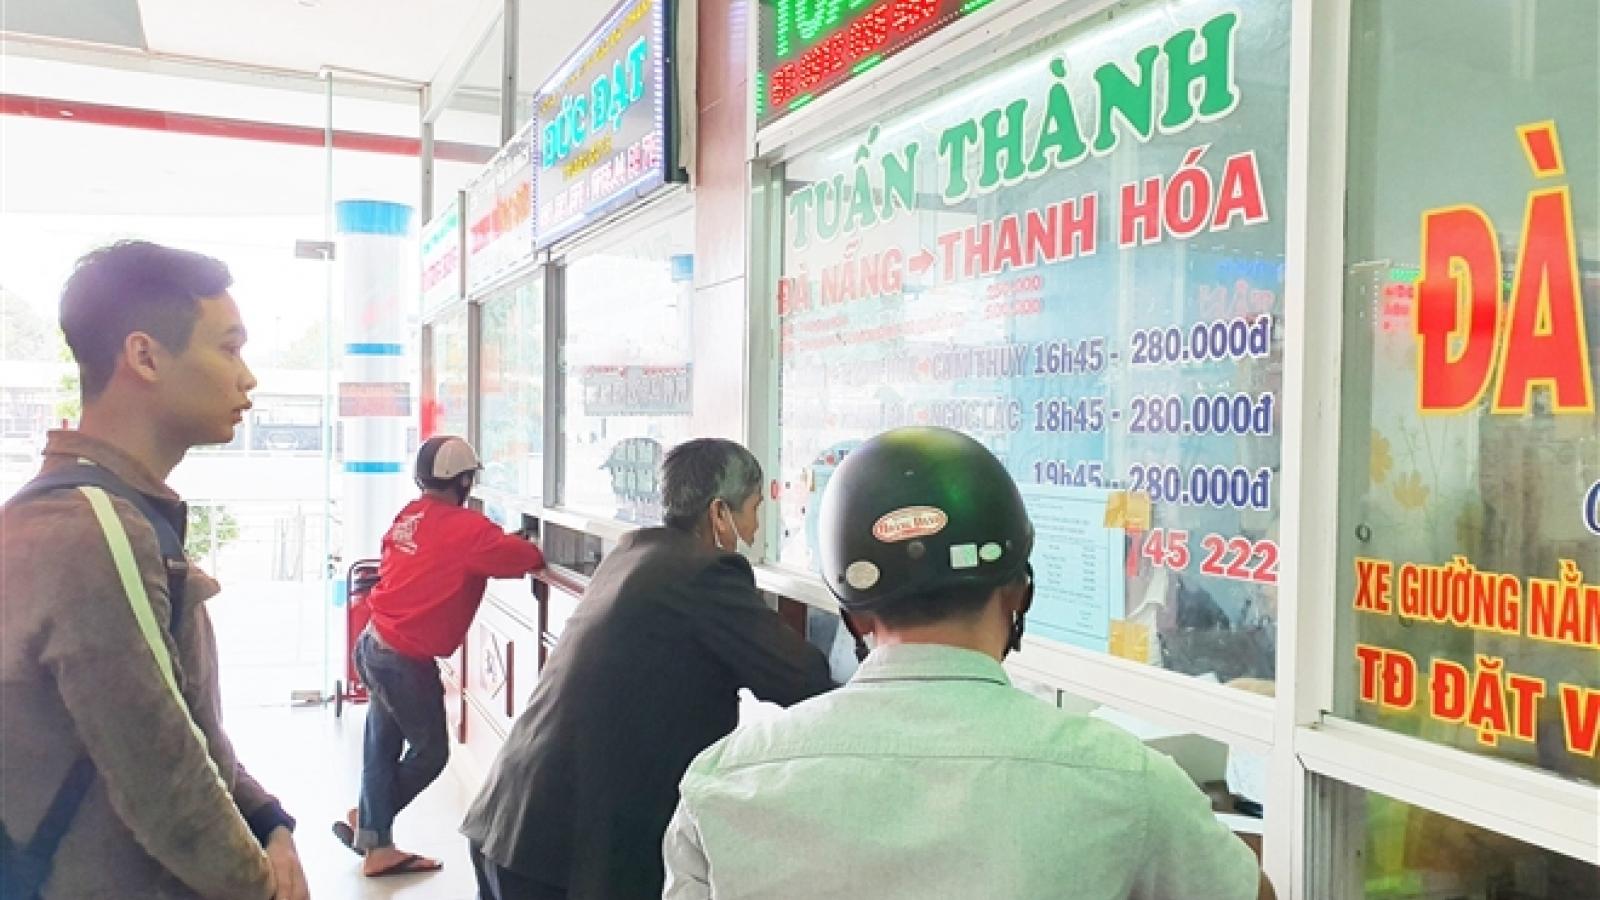 Vé tàu xe Tết ở miền Trung: Khách thảnh thơi, nhà xe bận rộn mời chào